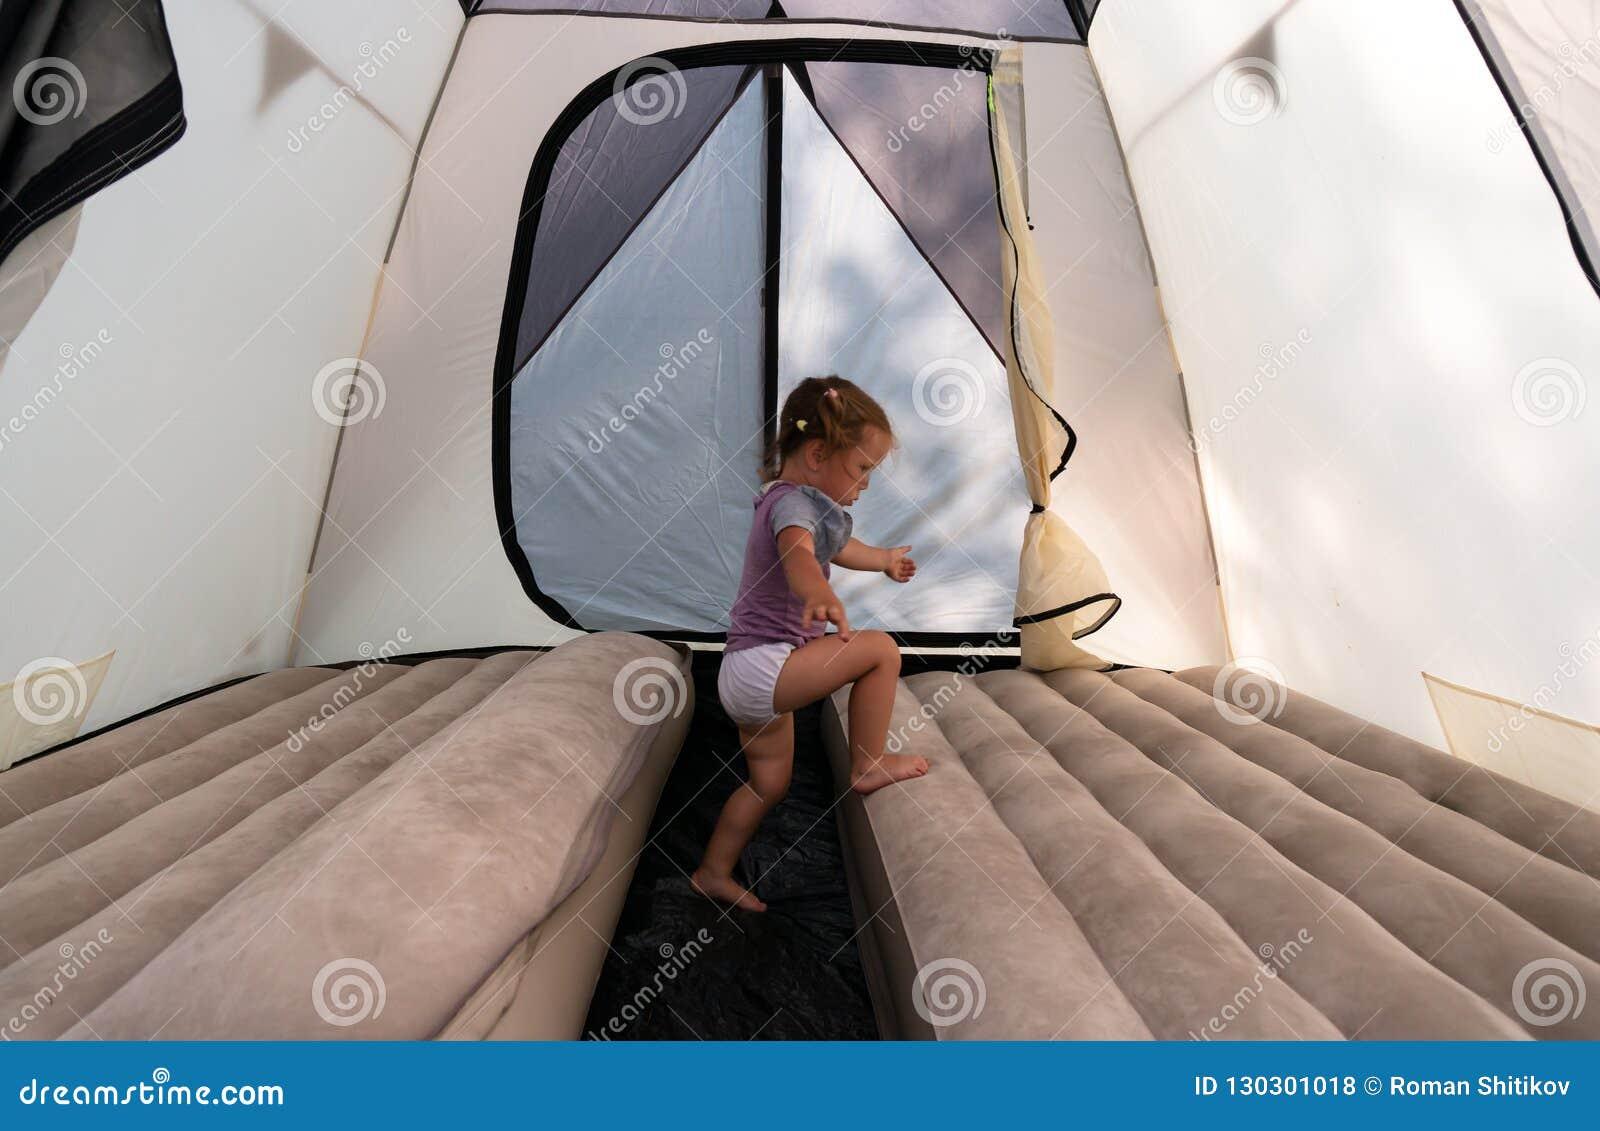 Am Campingplatz ein kleines Mädchen in den Sprüngen eines Zeltes auf Matratzen